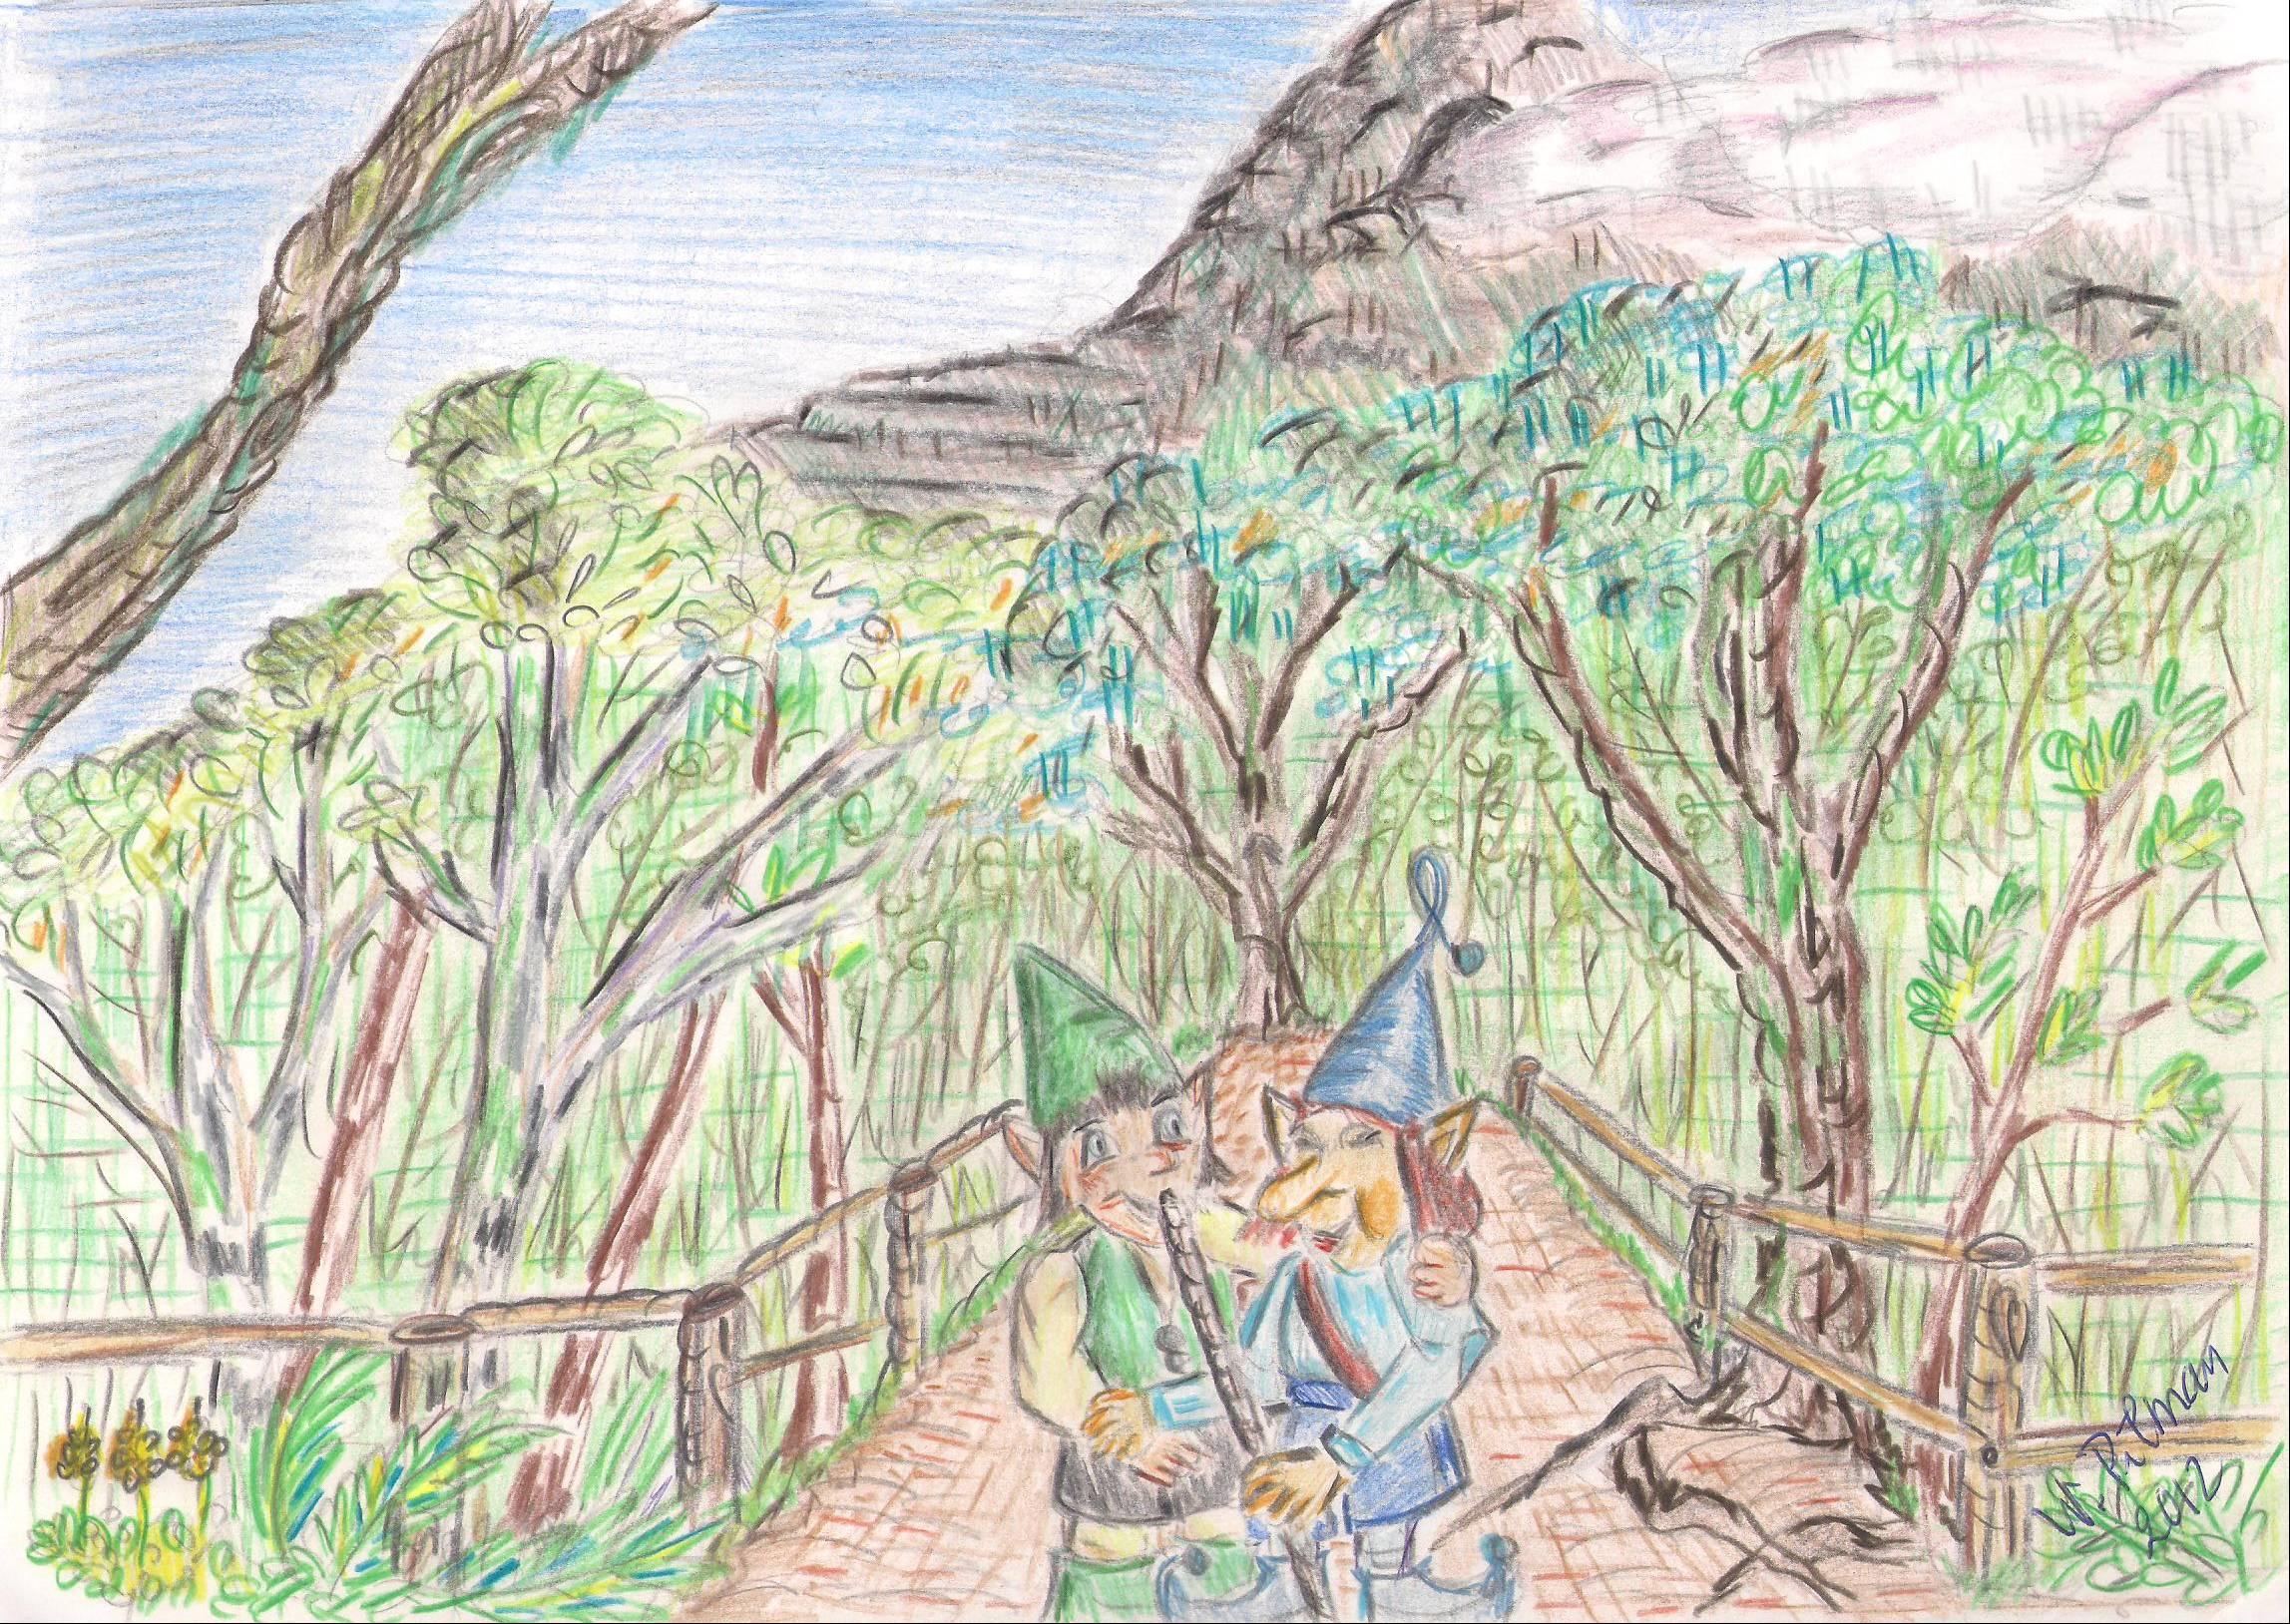 33fe713733 Tana estaba emocionado pues siempre había querido visitar el hermoso bosque  de laurisilva con sus hojas siempre verdes y brillantes debido a la  condensación ...